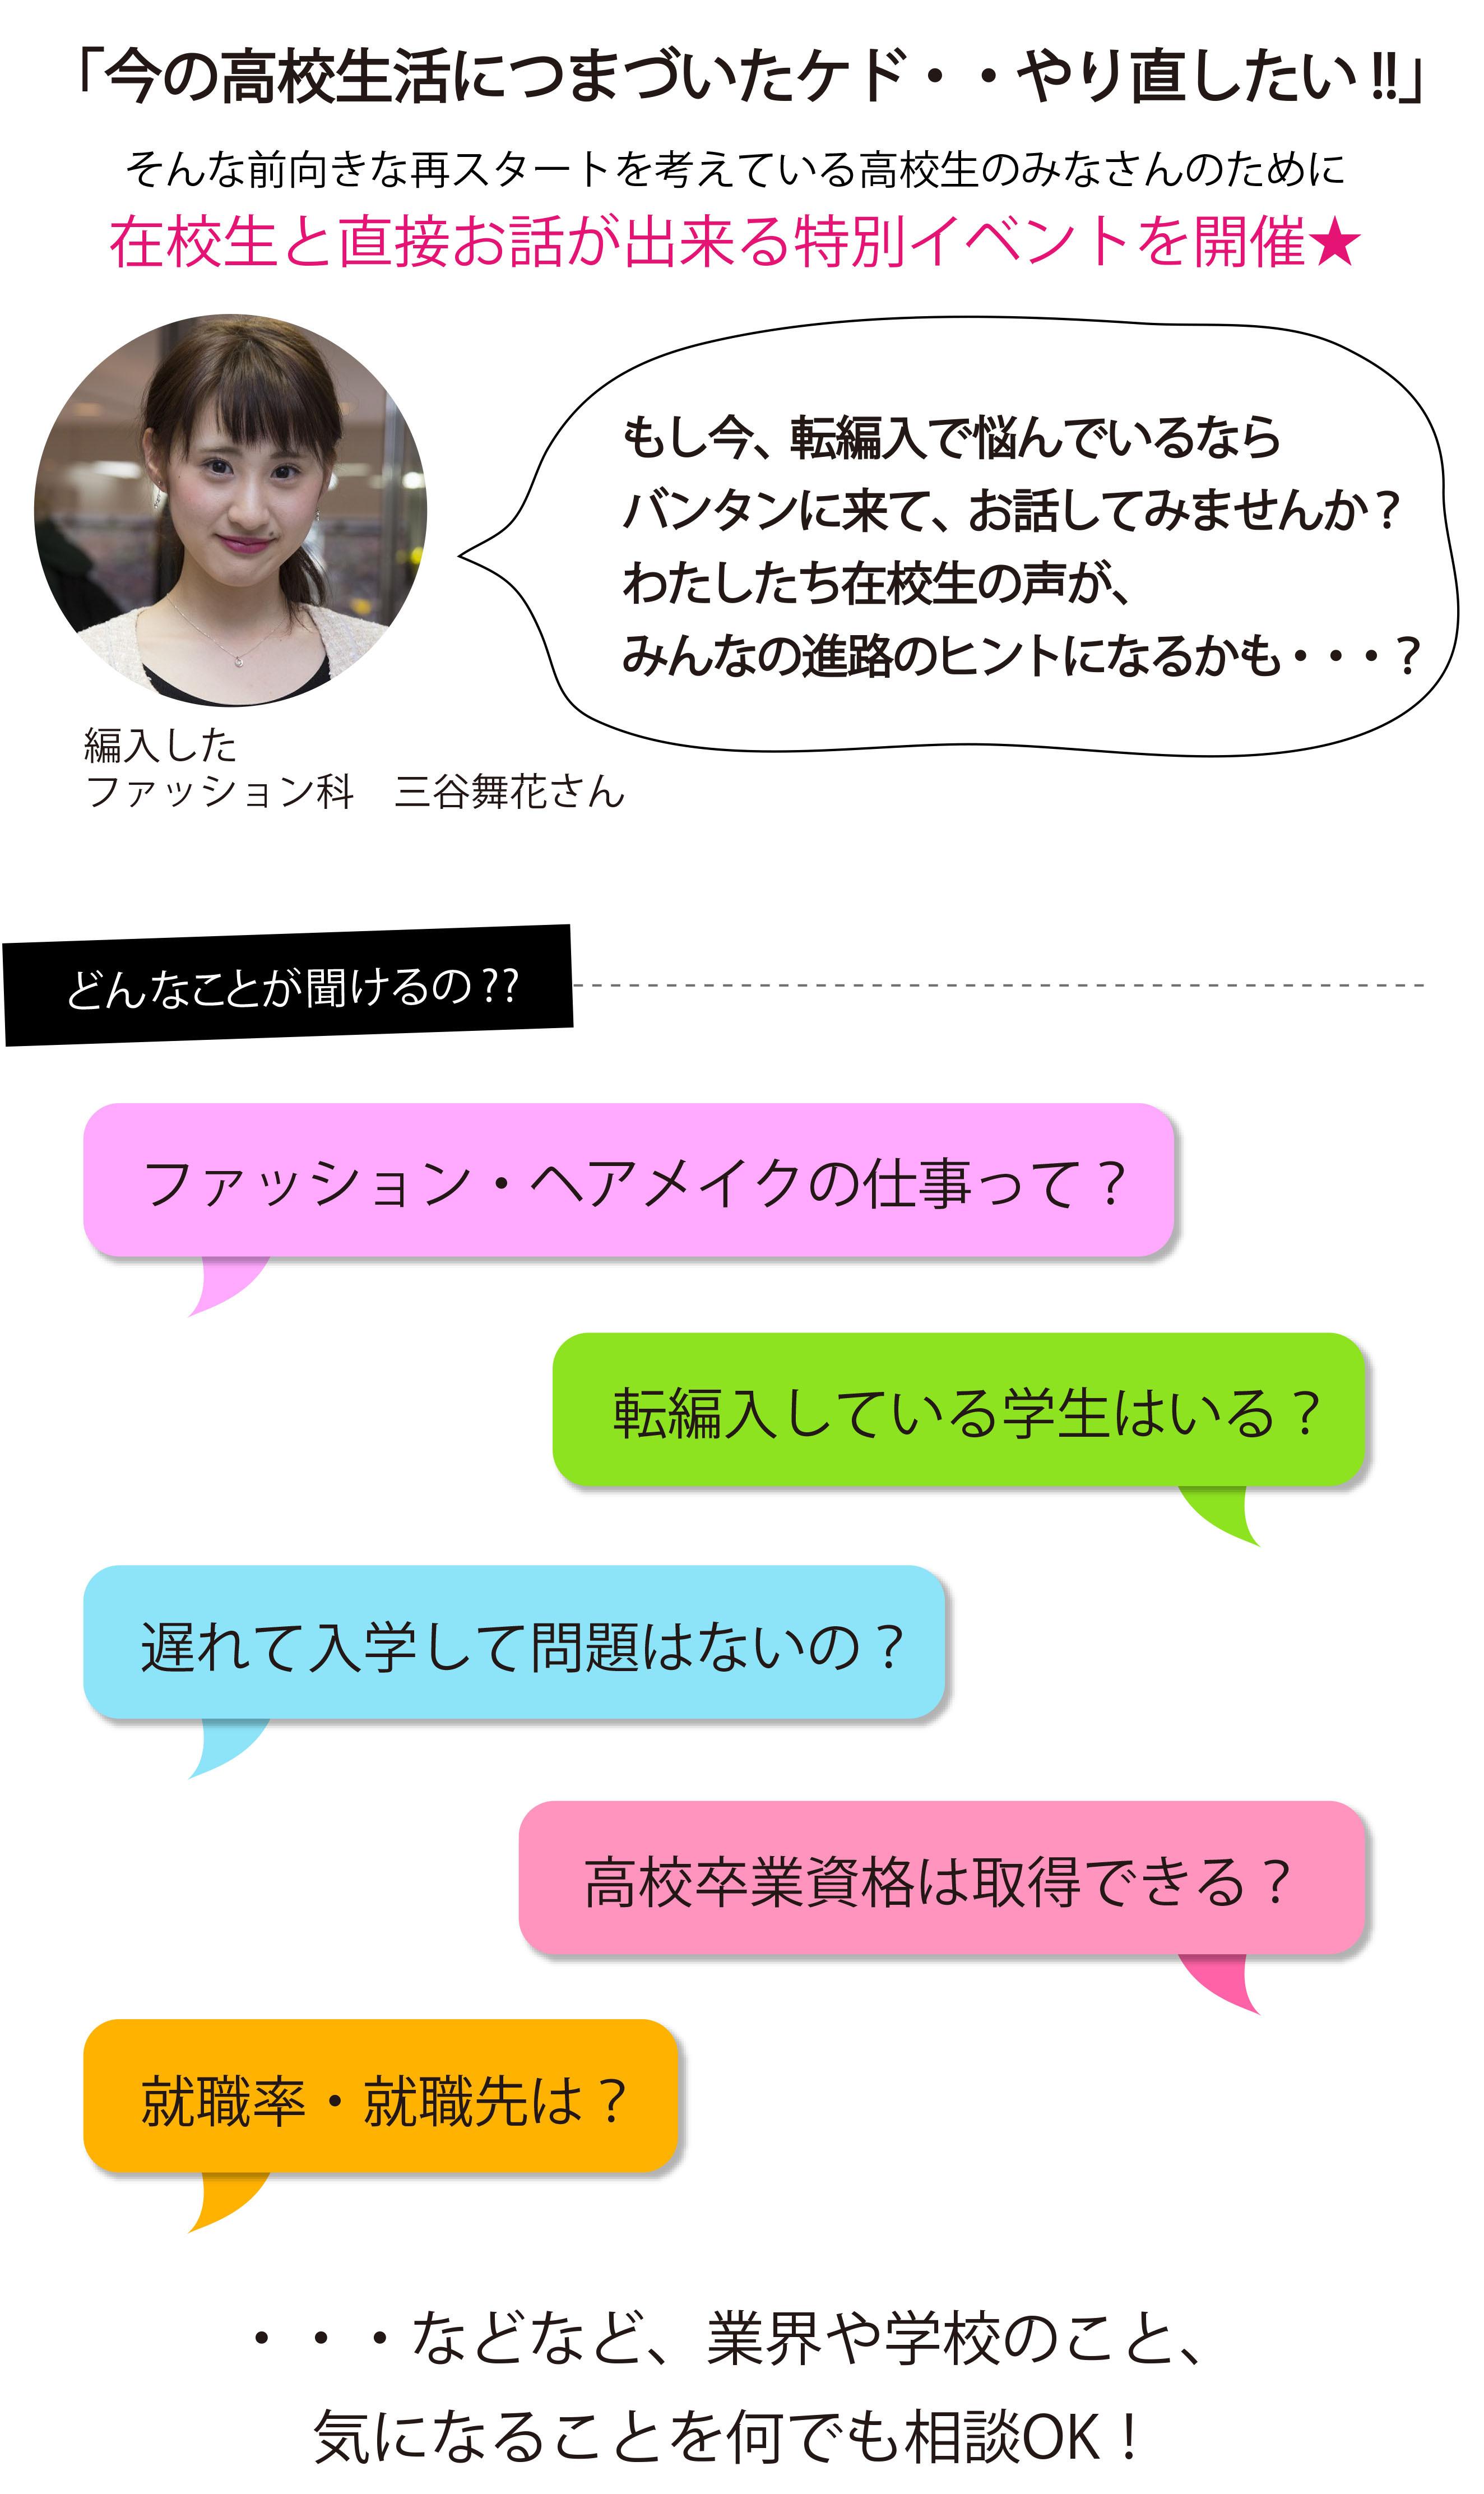 転編入ガイダンス2-4.jpg